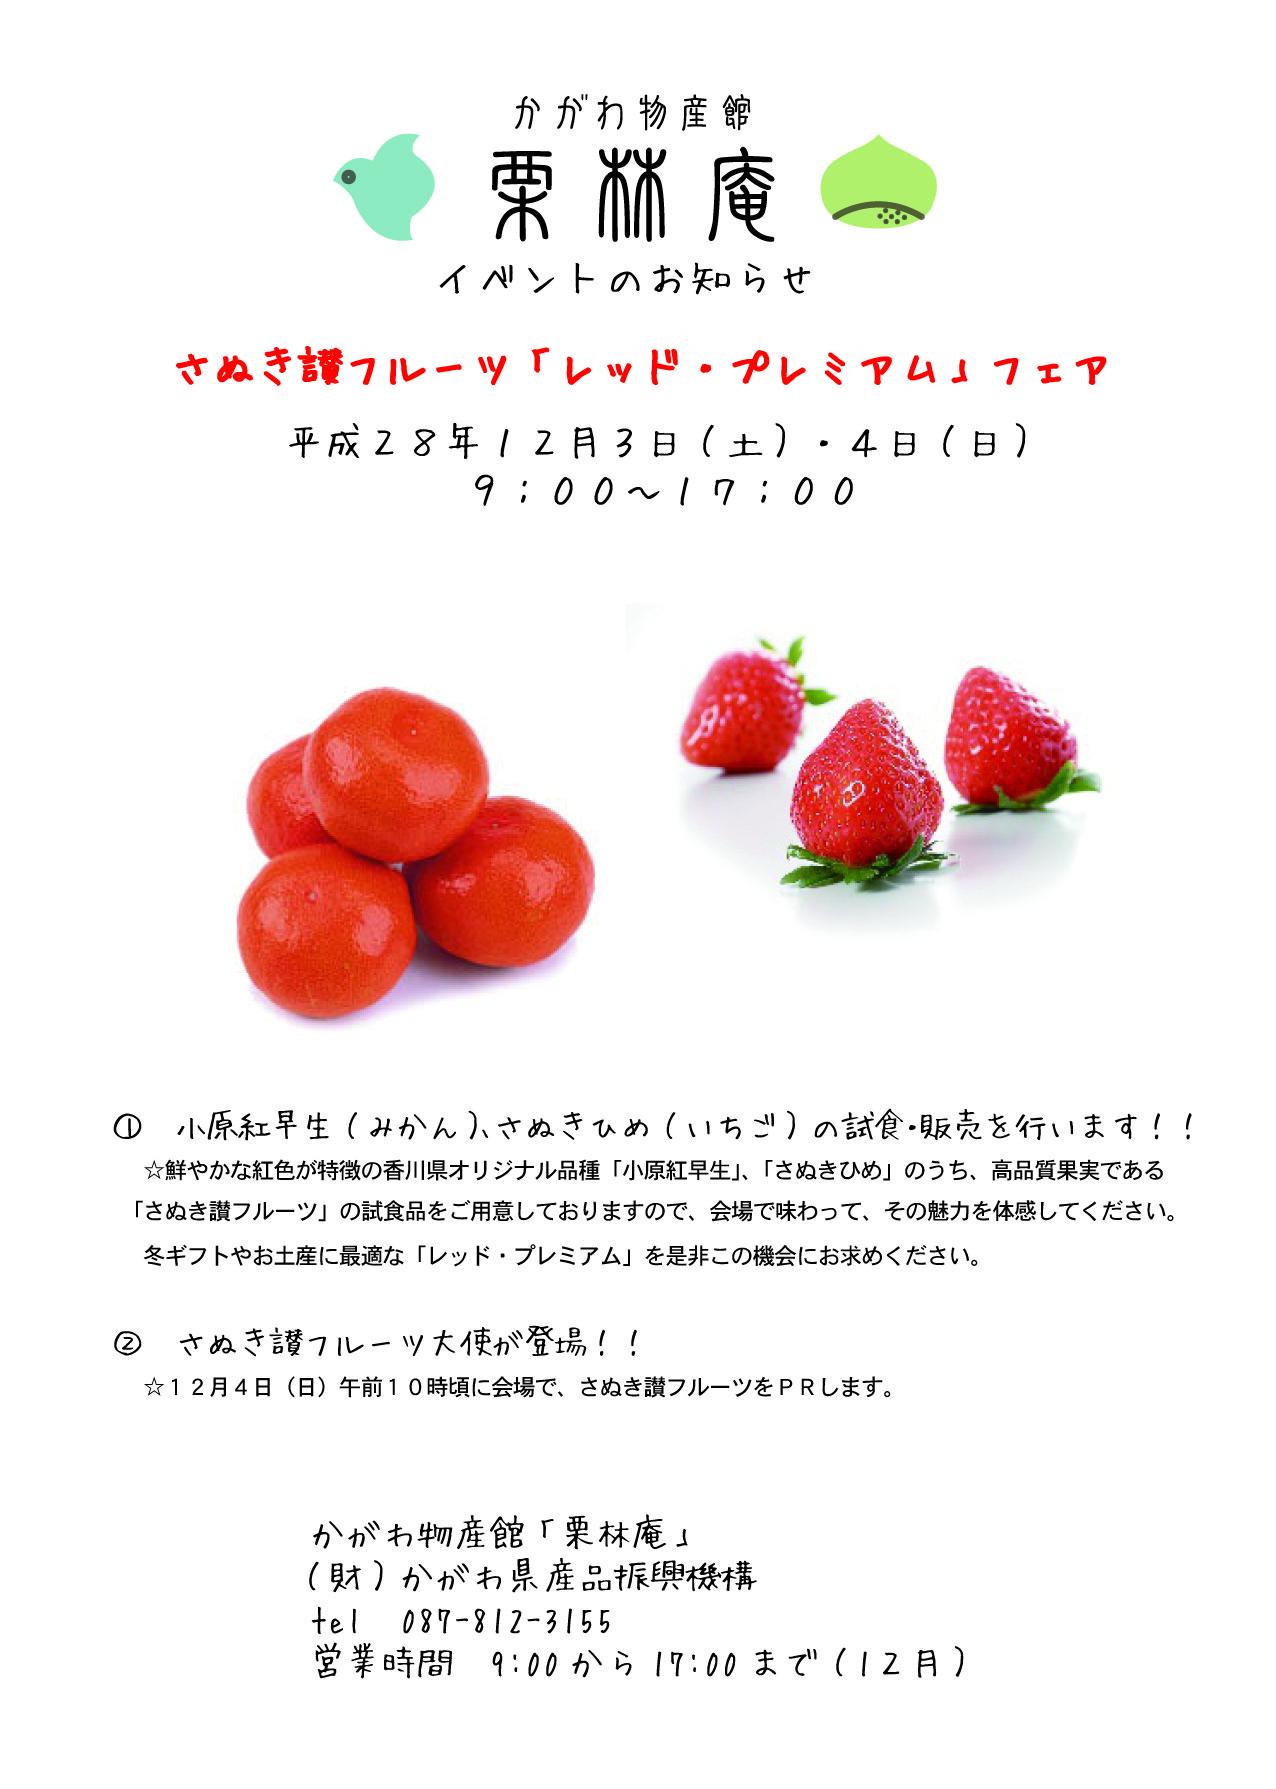 http://www.ritsurinan.jp/news/%E3%83%AC%E3%83%83%E3%83%89%E3%83%97%E3%83%AC%E3%83%9F%E3%82%A2%E3%83%A0-23.jpg